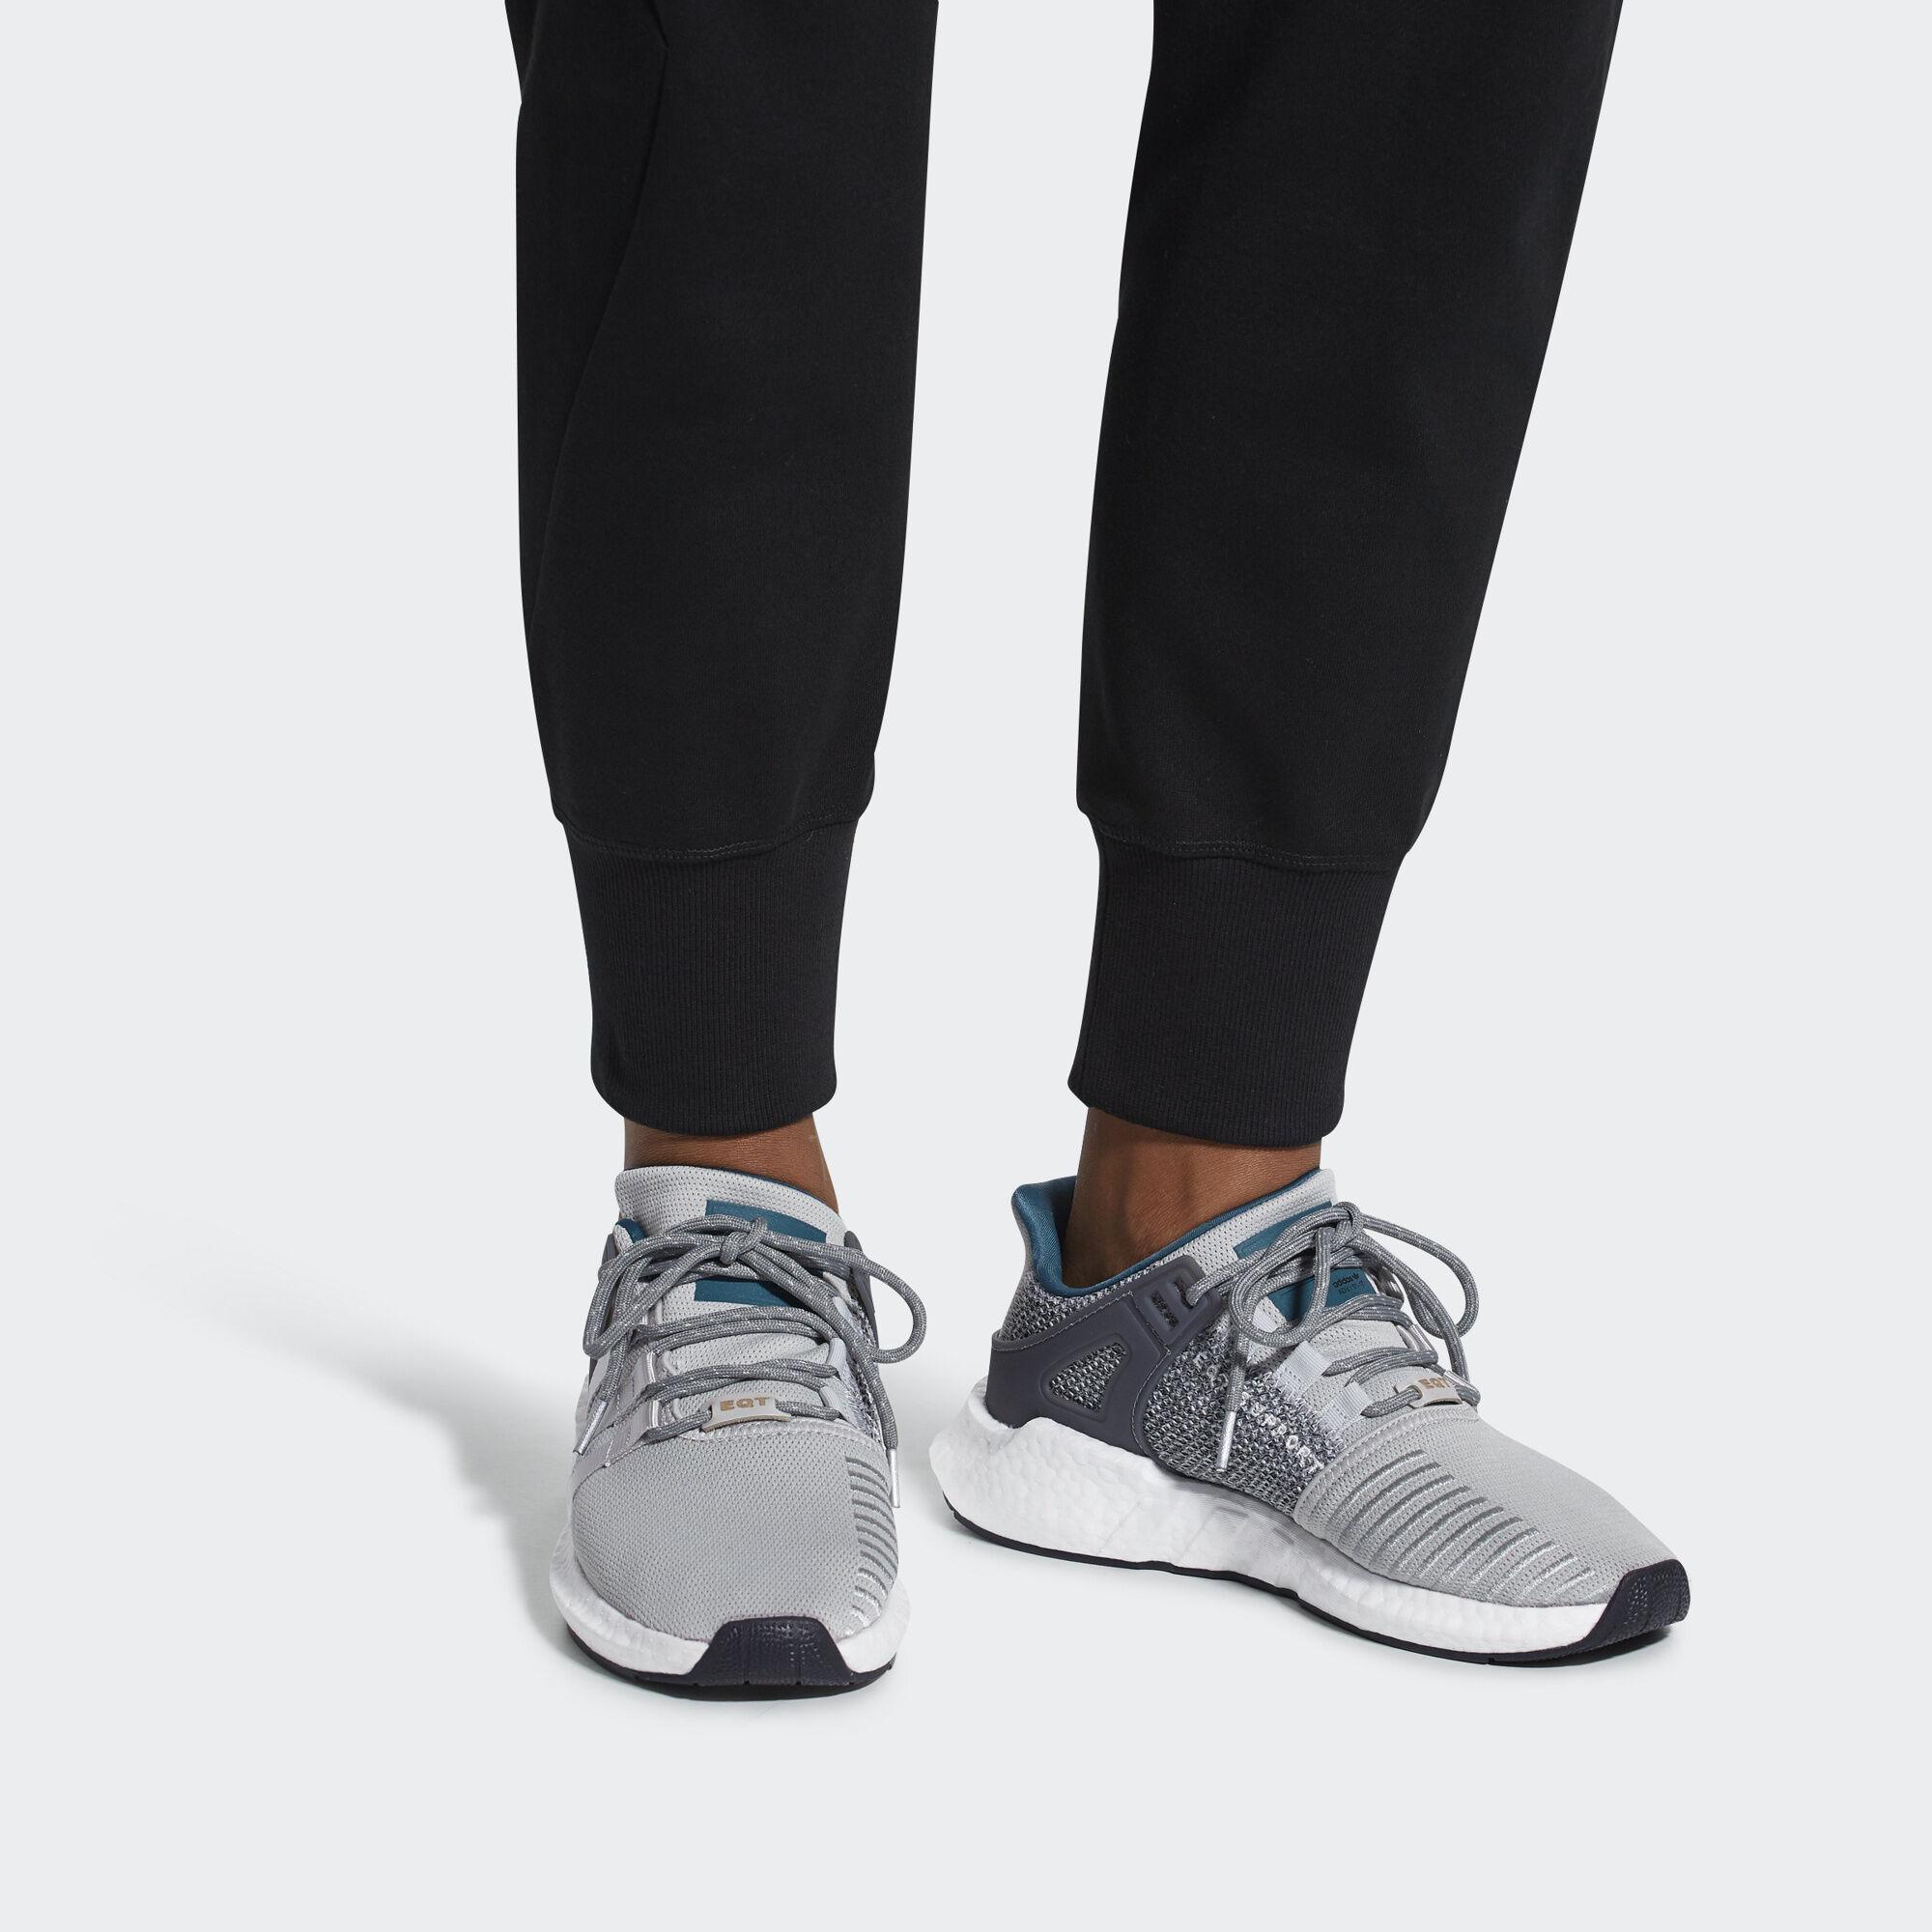 wholesale dealer 8dca3 35a65 adidas EQT Support 9317 Schuh - schwarz  adidas Deutschland